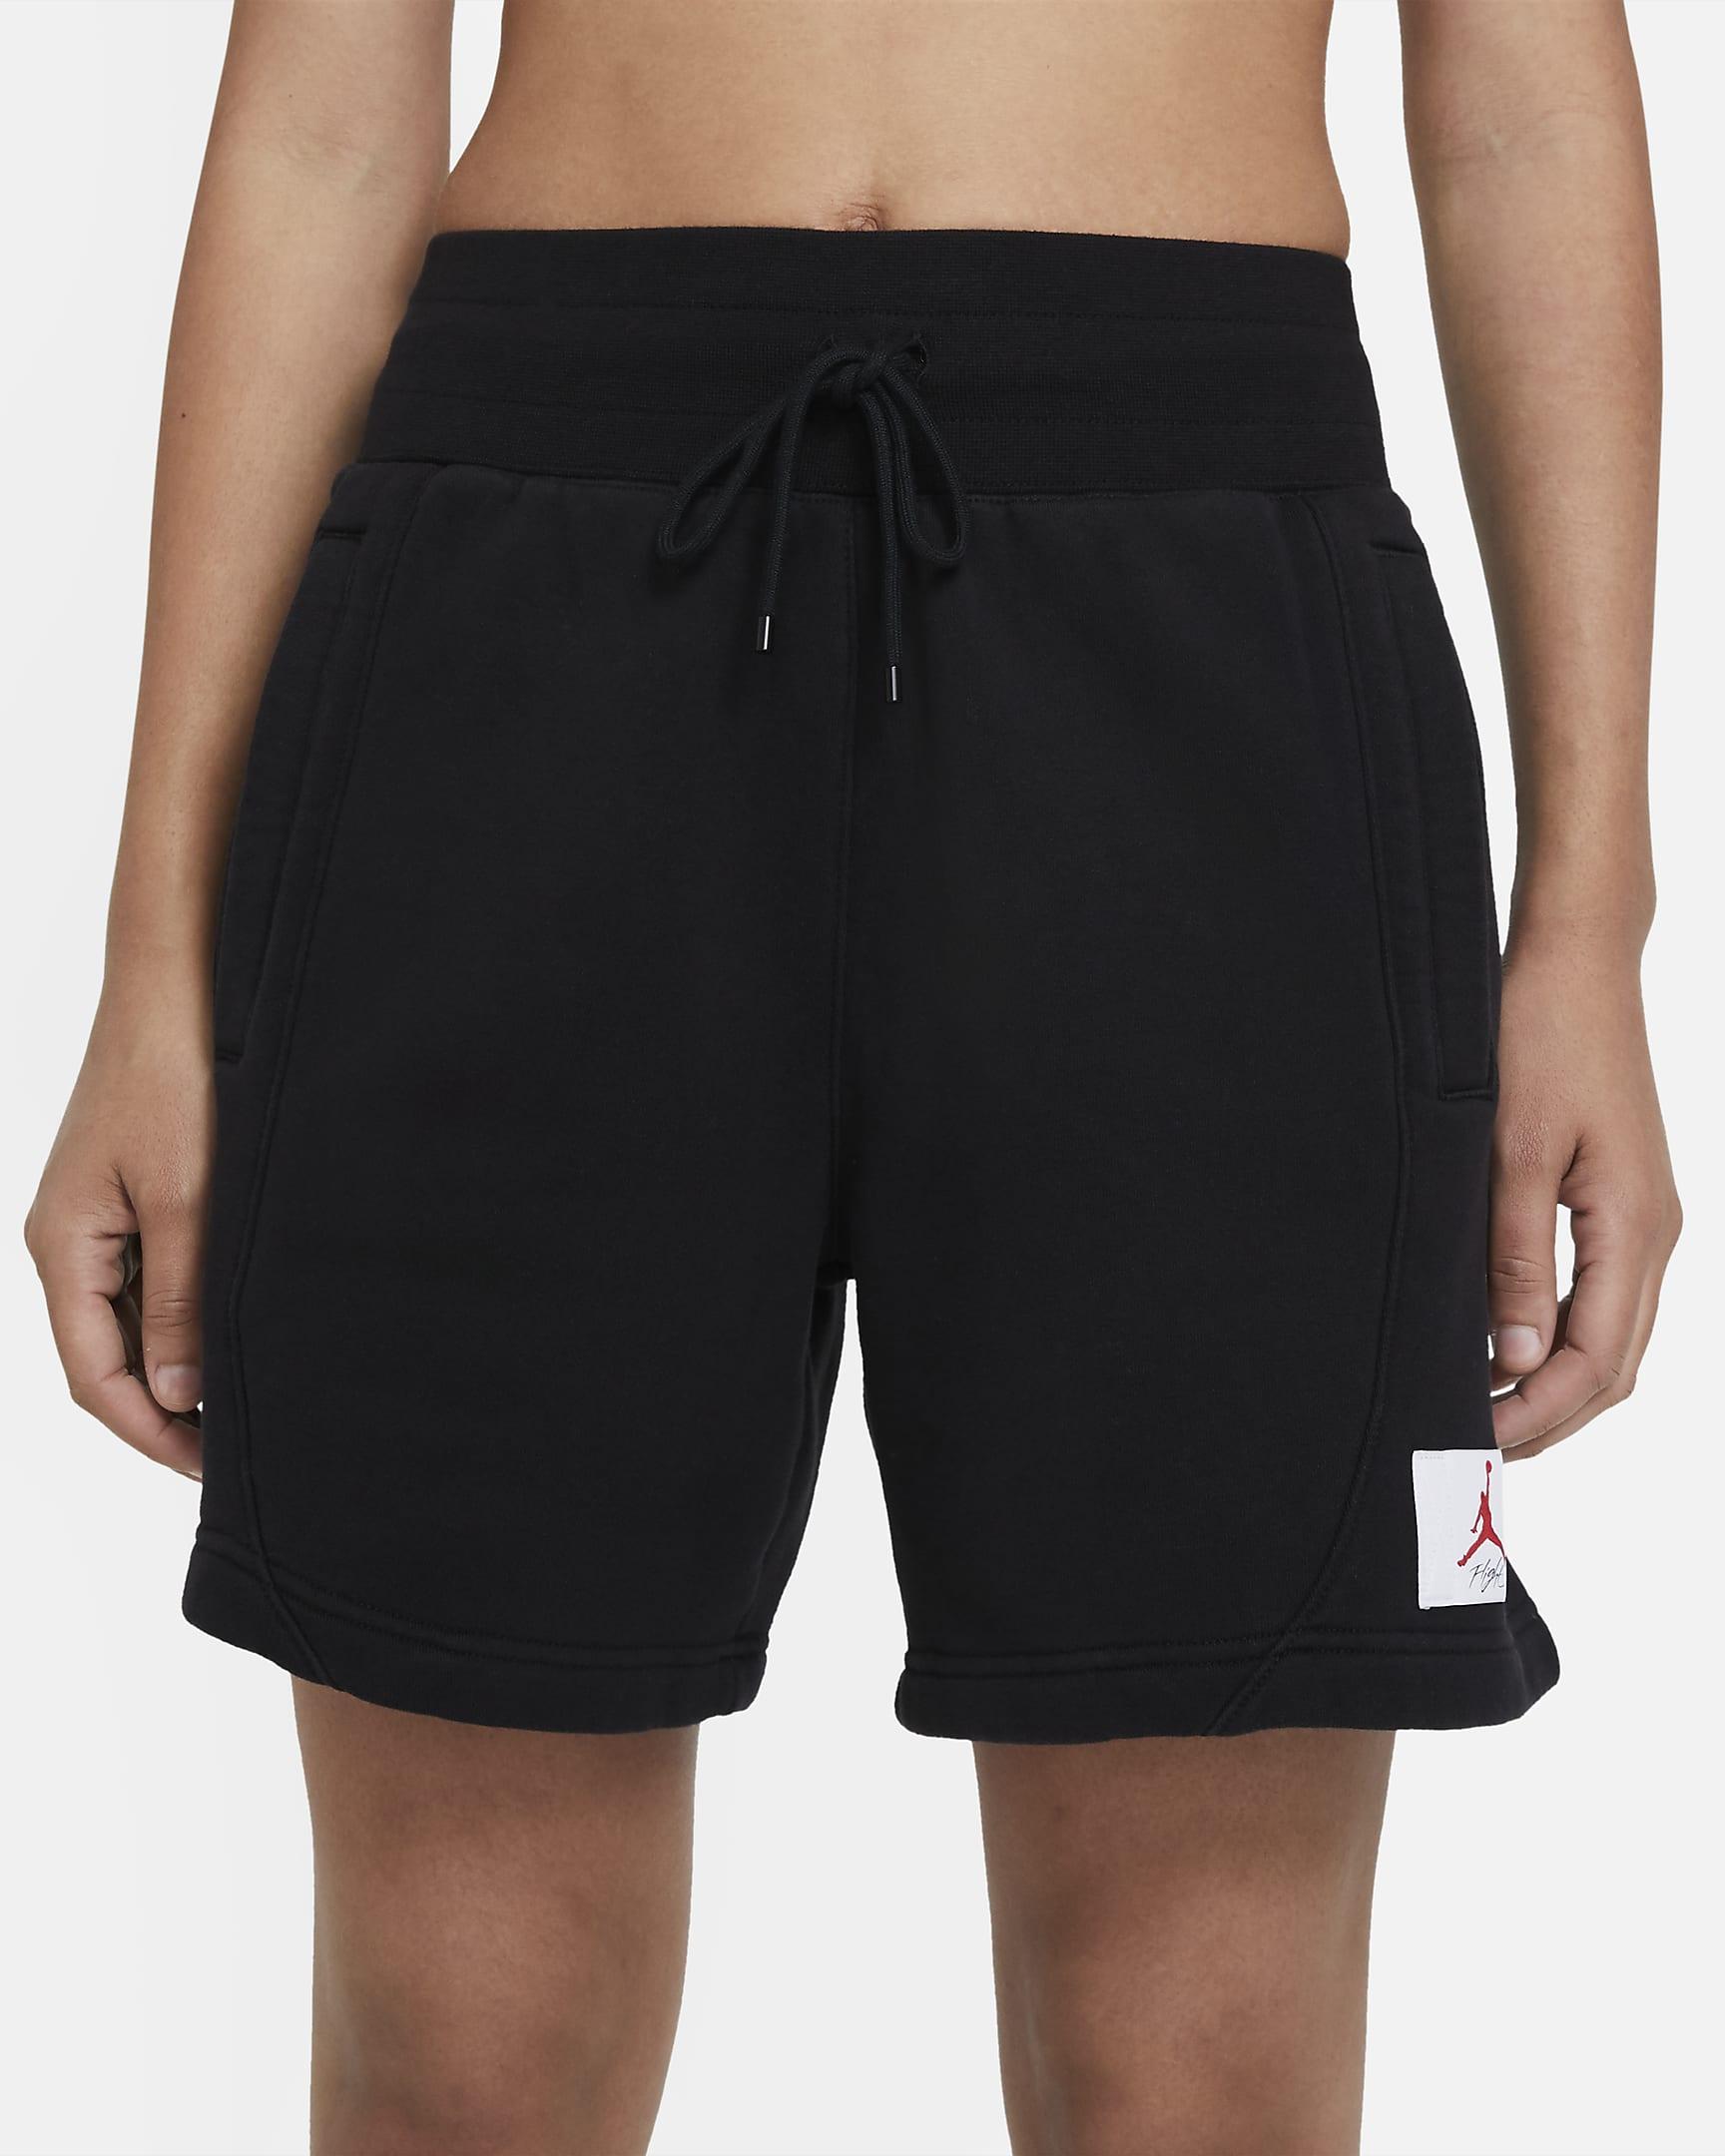 jordan-flight-womens-fleece-shorts-zDGn42.png